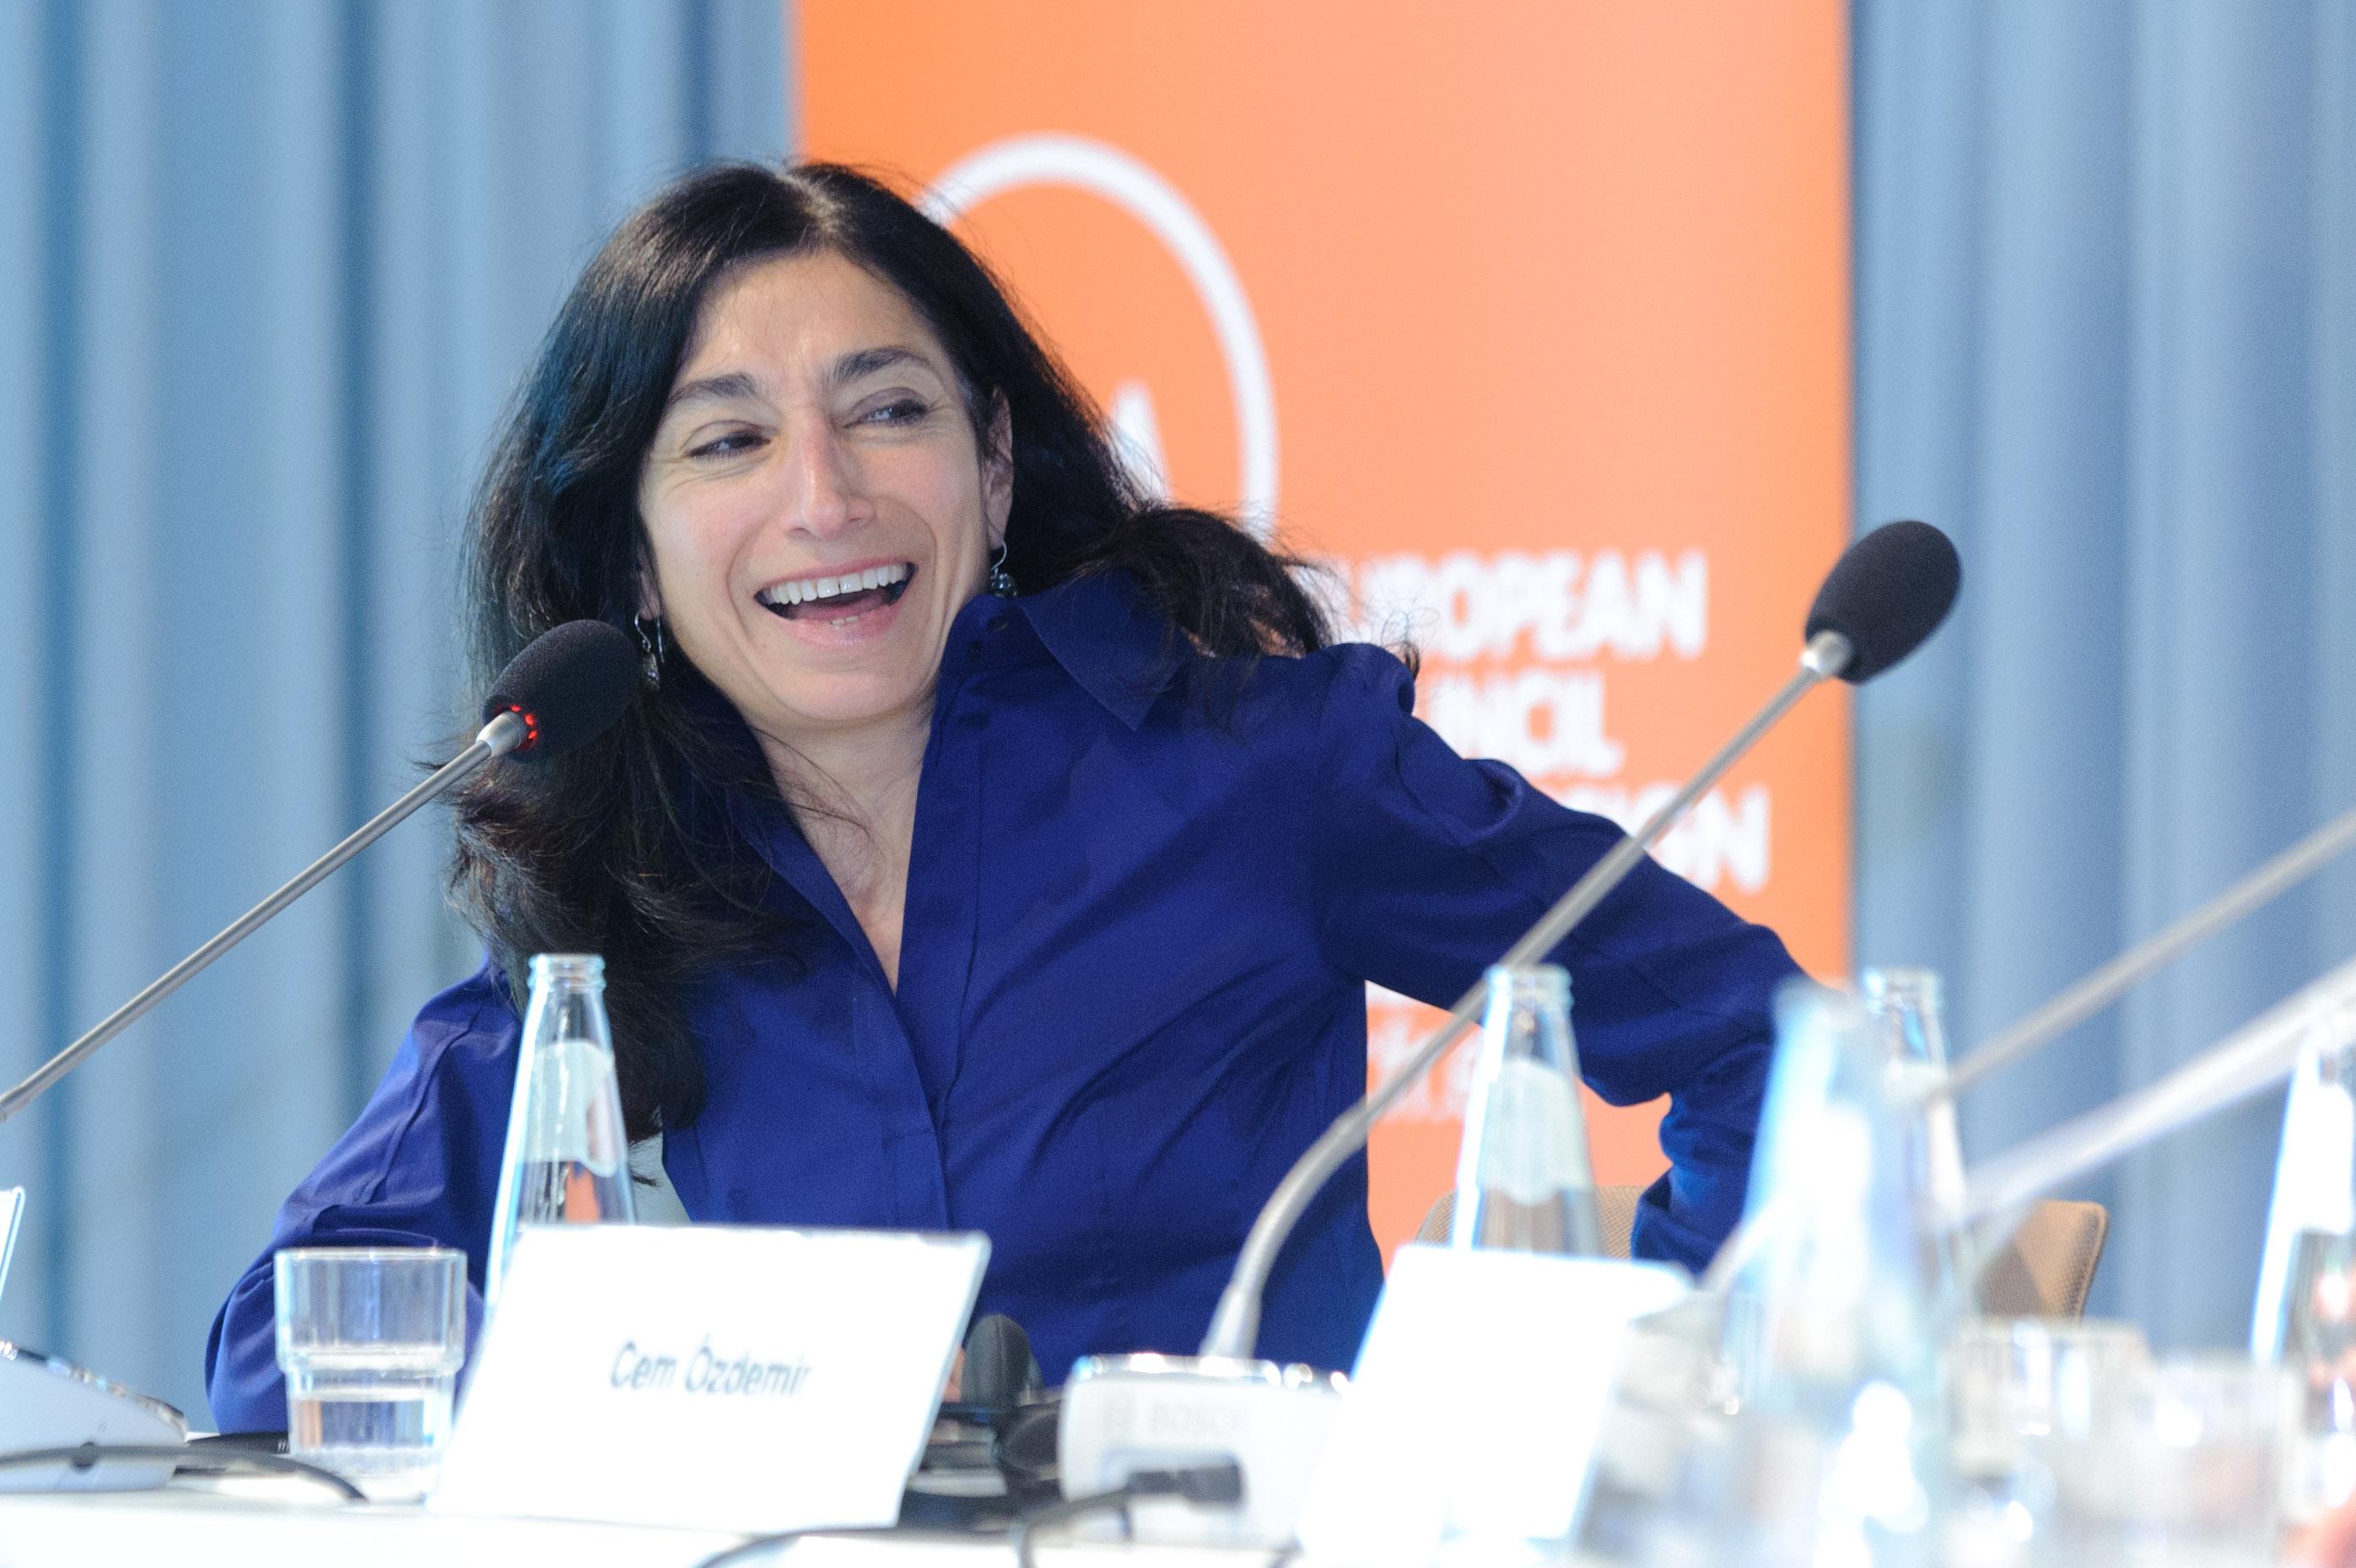 Geneive Abdo (2011)